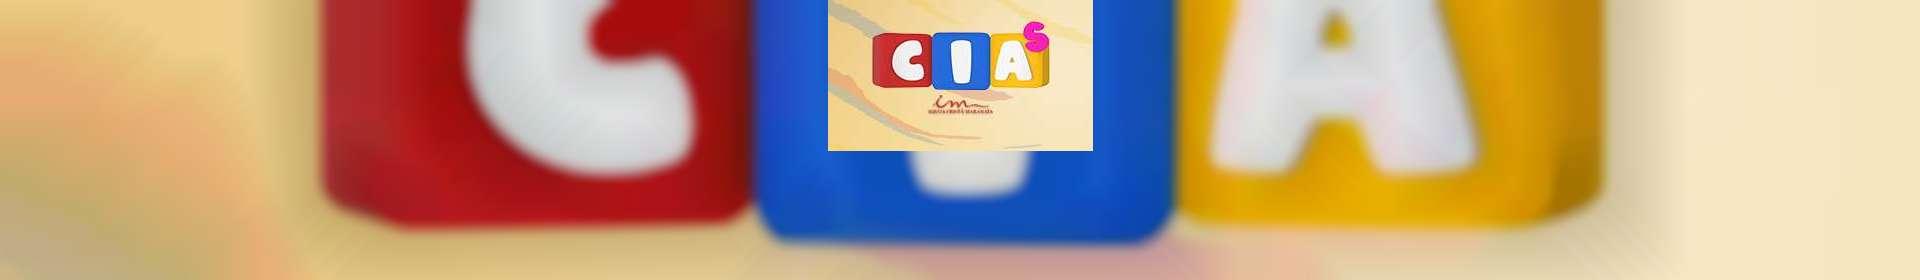 Aula de CIAS: classe de 07 a 11 anos - 03 de setembro de 2020